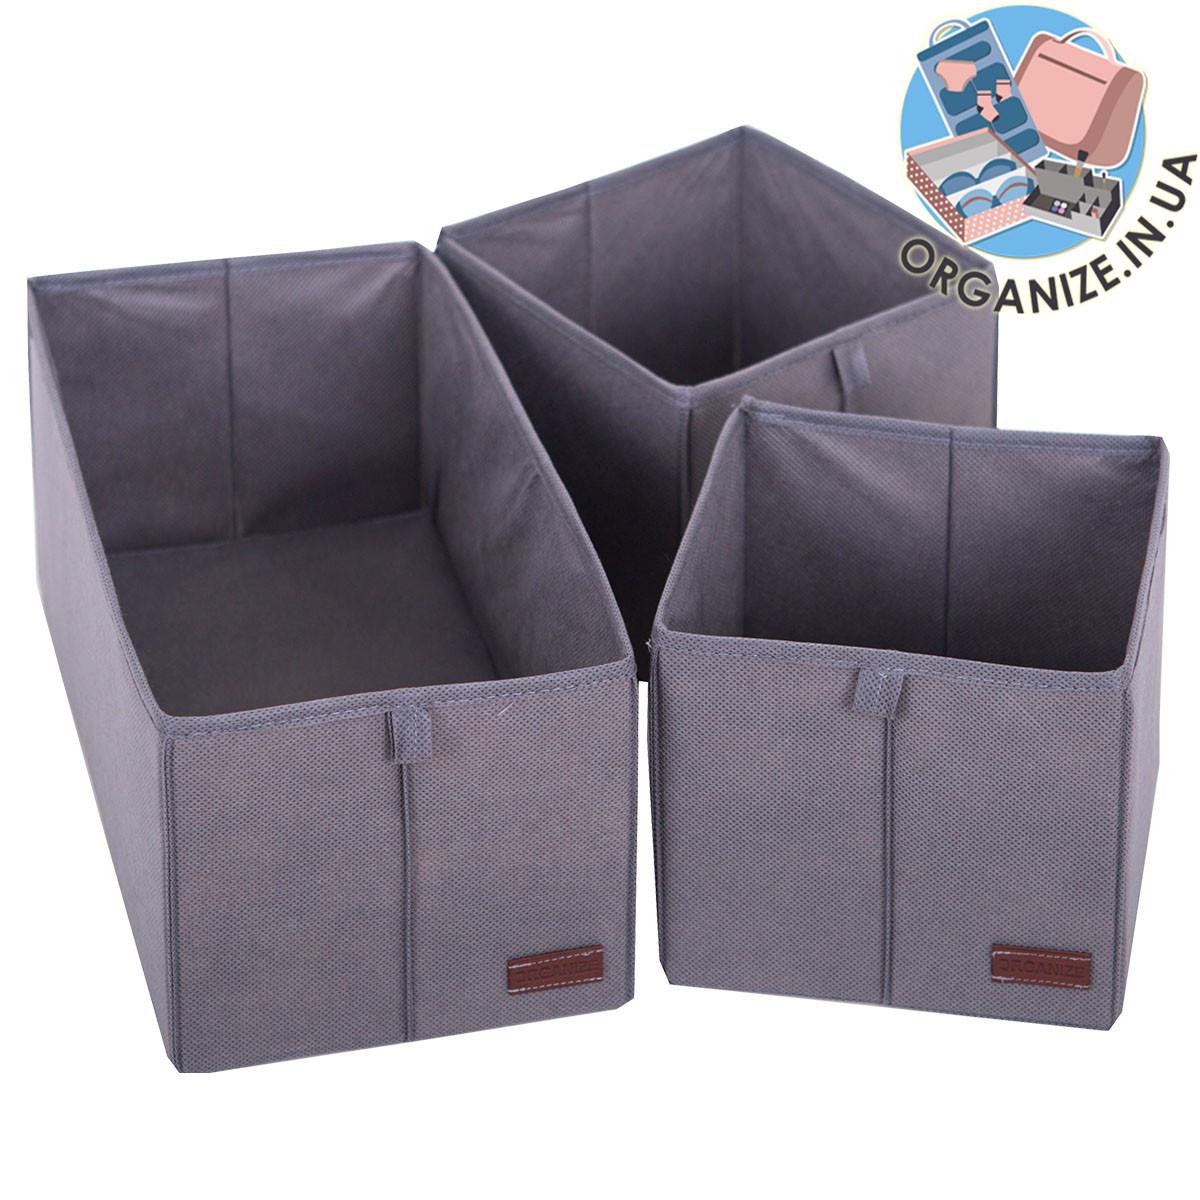 Комплект коробочек для дома ORGANIZE (серый)